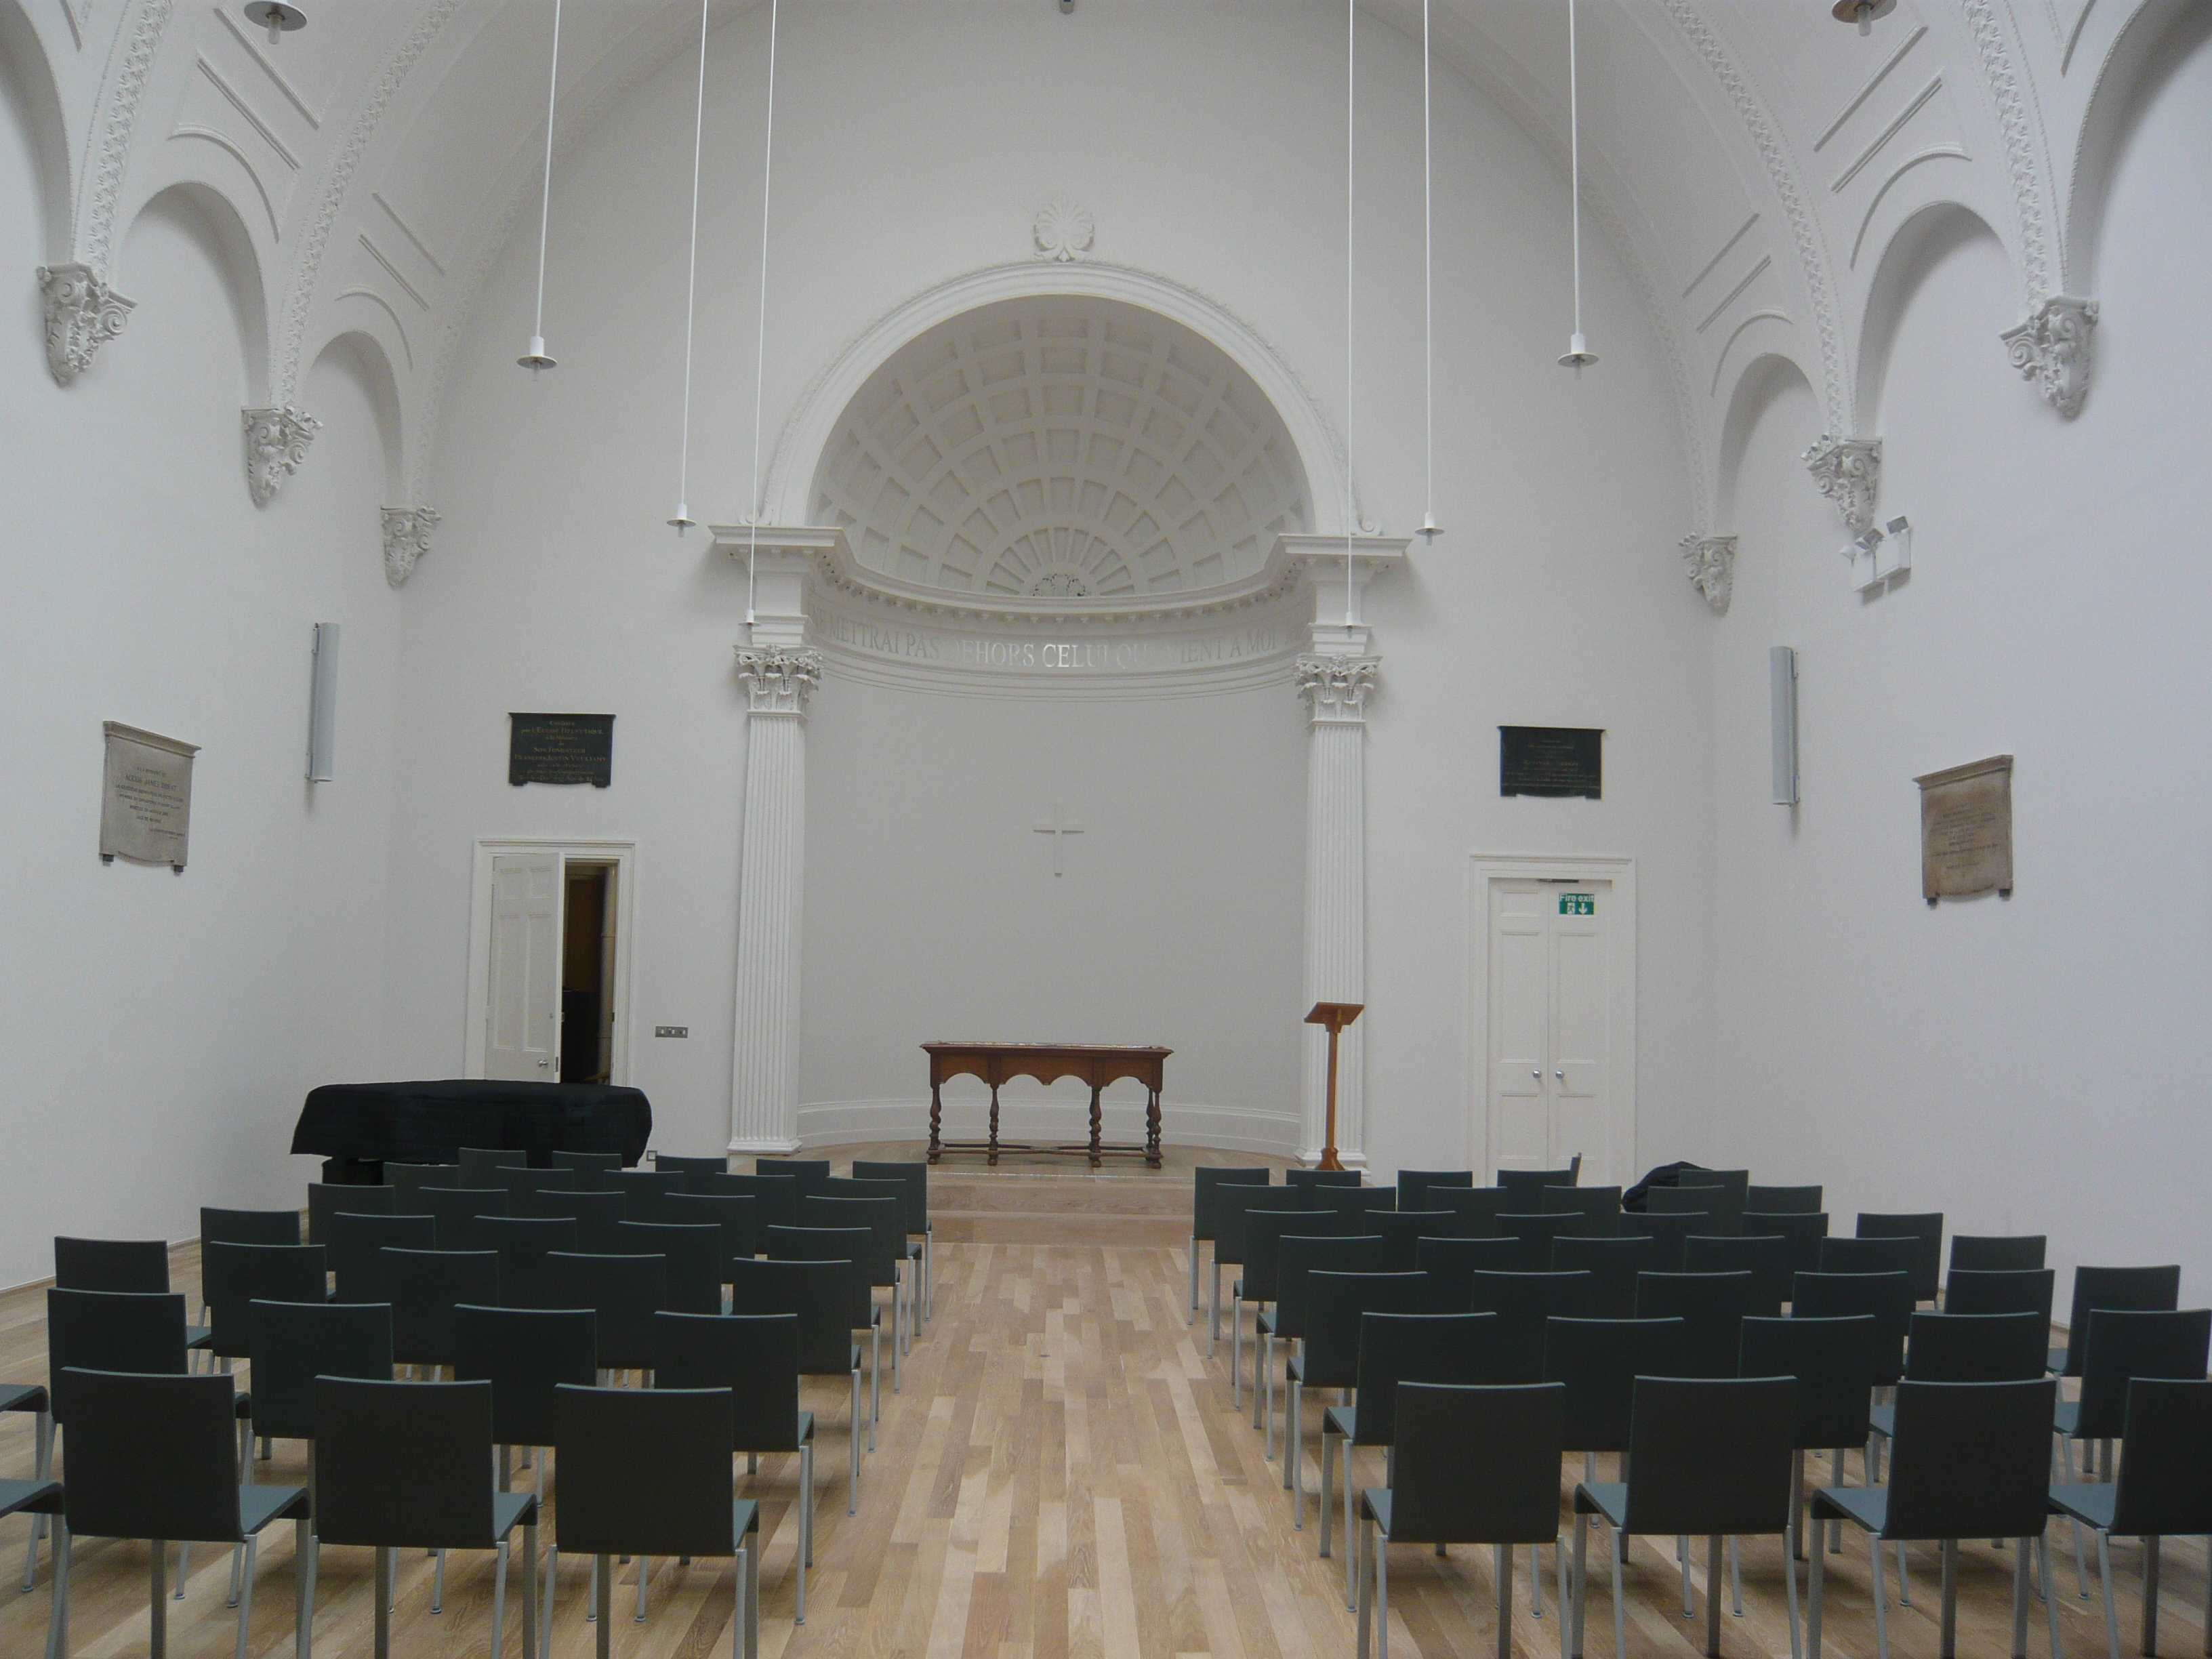 Swiss Church London Whitworth